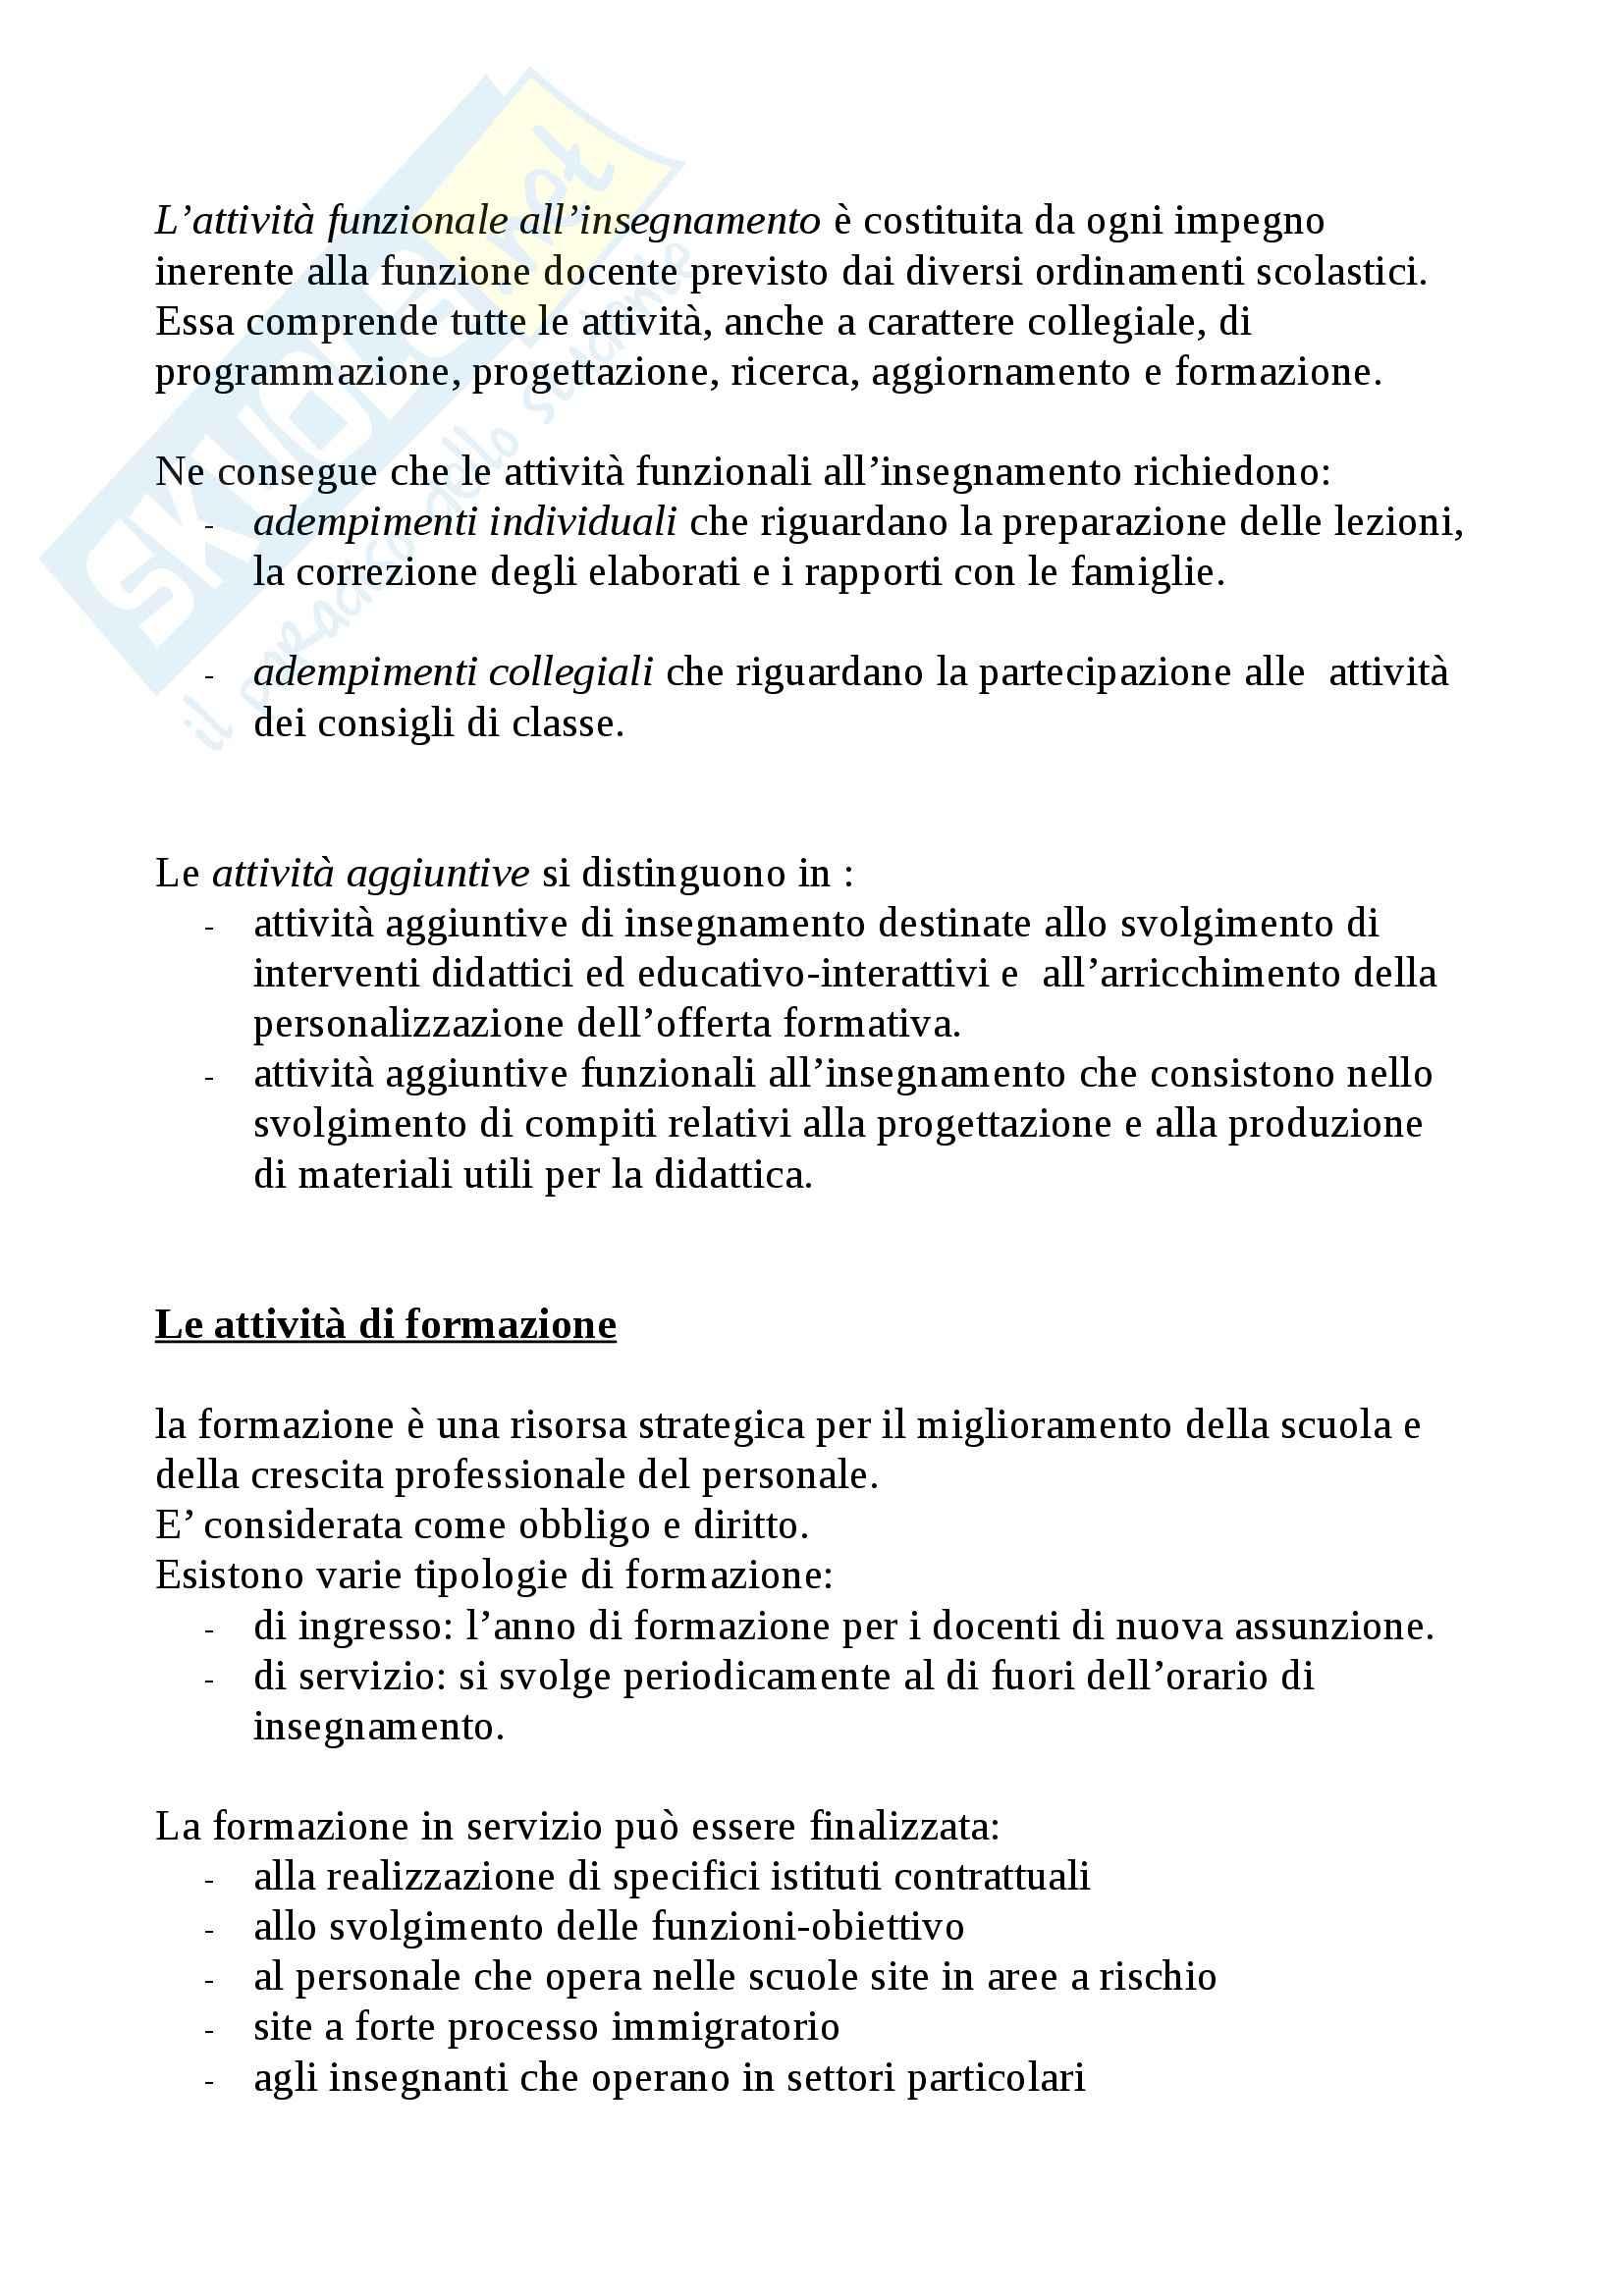 Riassunto esame Legislazione scolastica, prof. Calascibetta, libro consigliato Compendio di legislazione scolastica, Francavilla Pag. 26